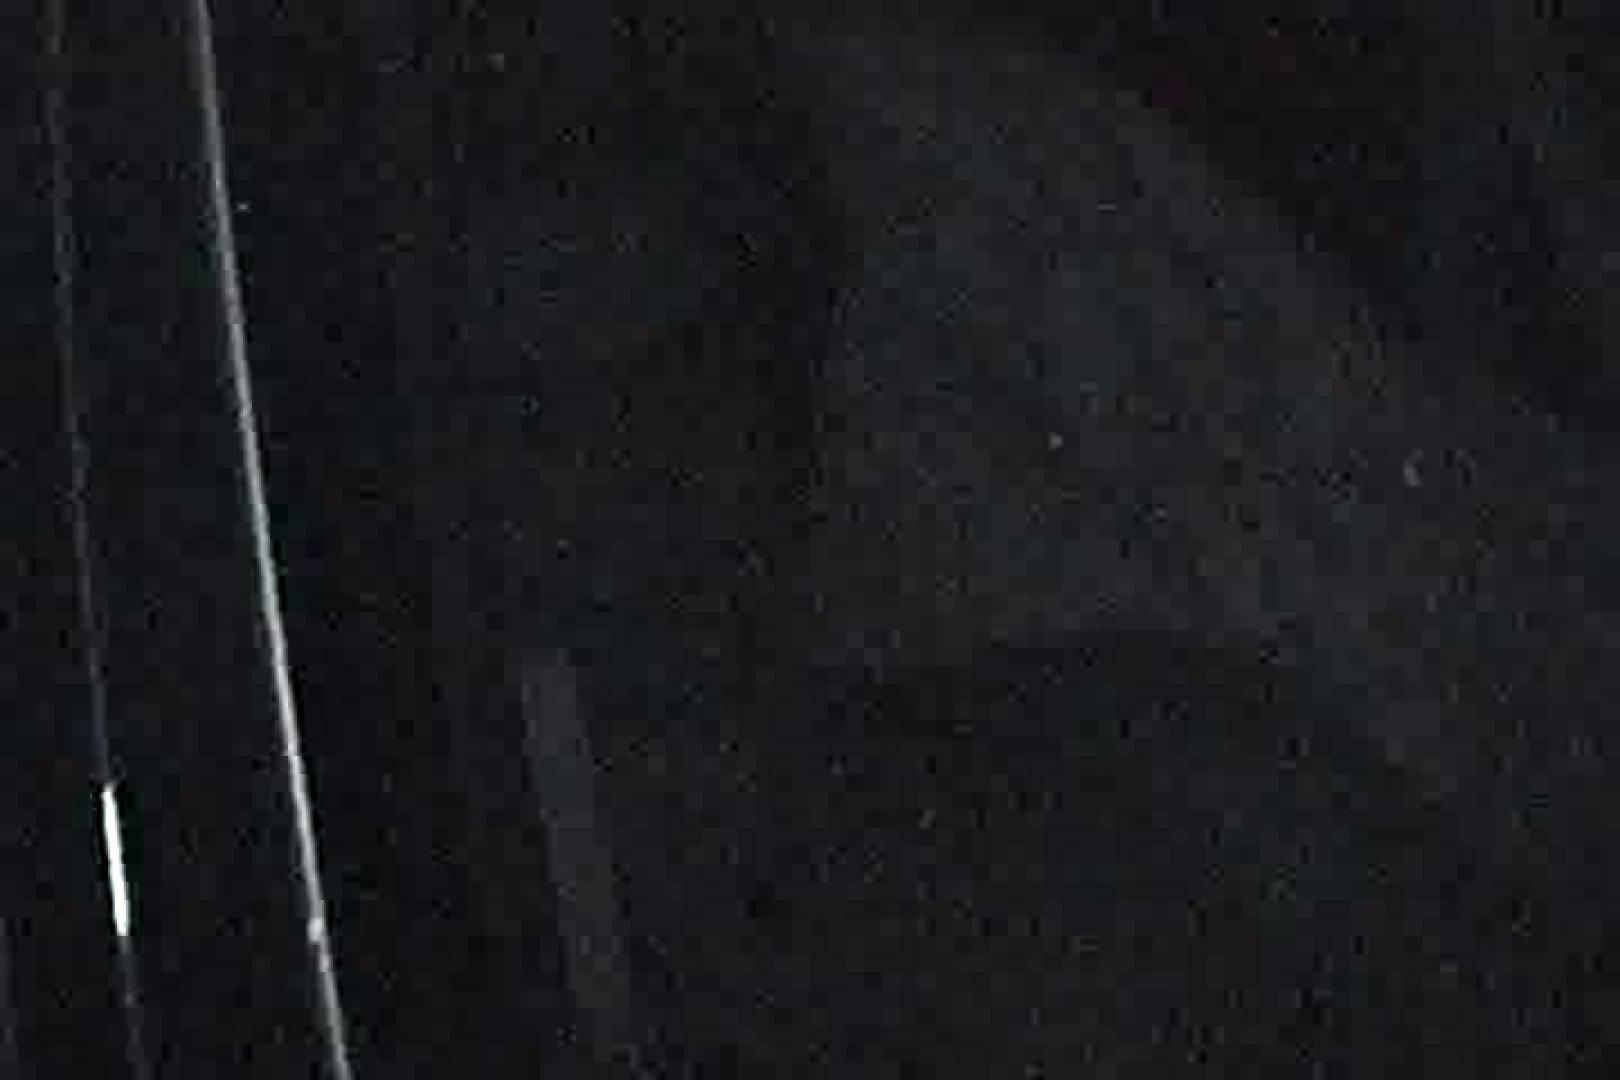 充血監督の深夜の運動会Vol.3 セックス SEX無修正画像 76pic 28